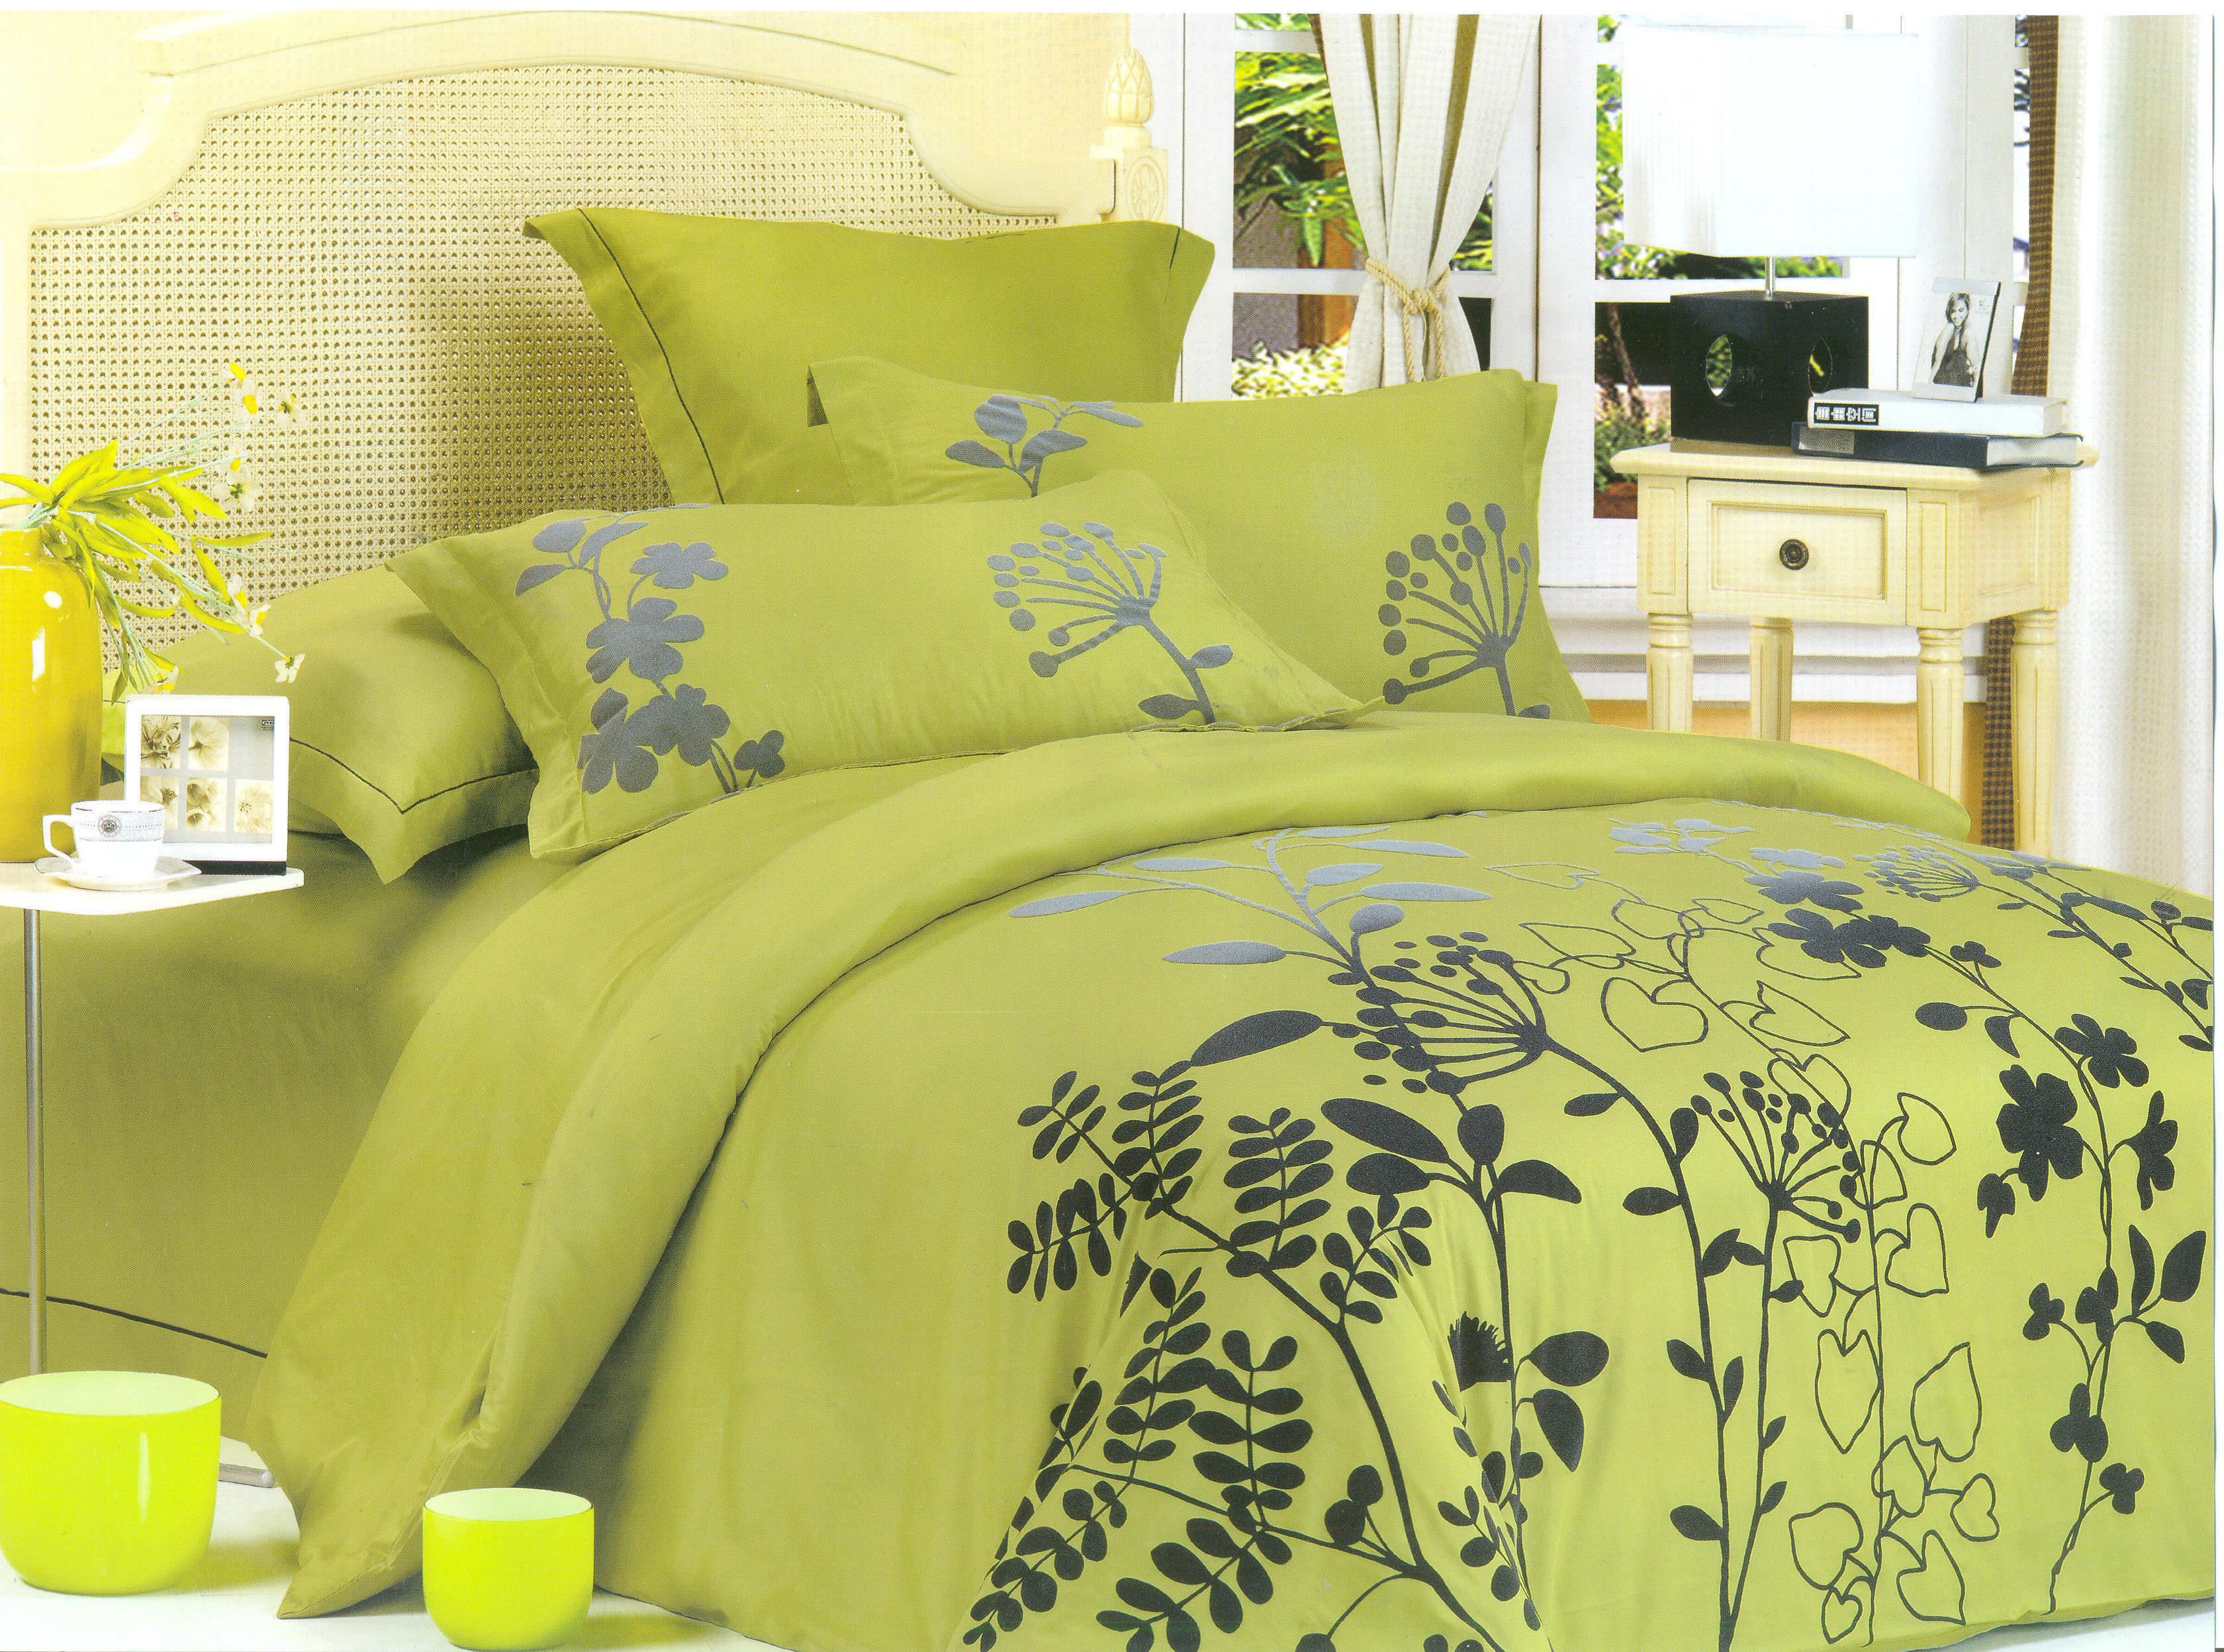 Купить Комплекты постельного белья СайлиД, Постельное белье Selenia К-31 (2 сп. евро), Китай, Зеленый, Хлопковый сатин